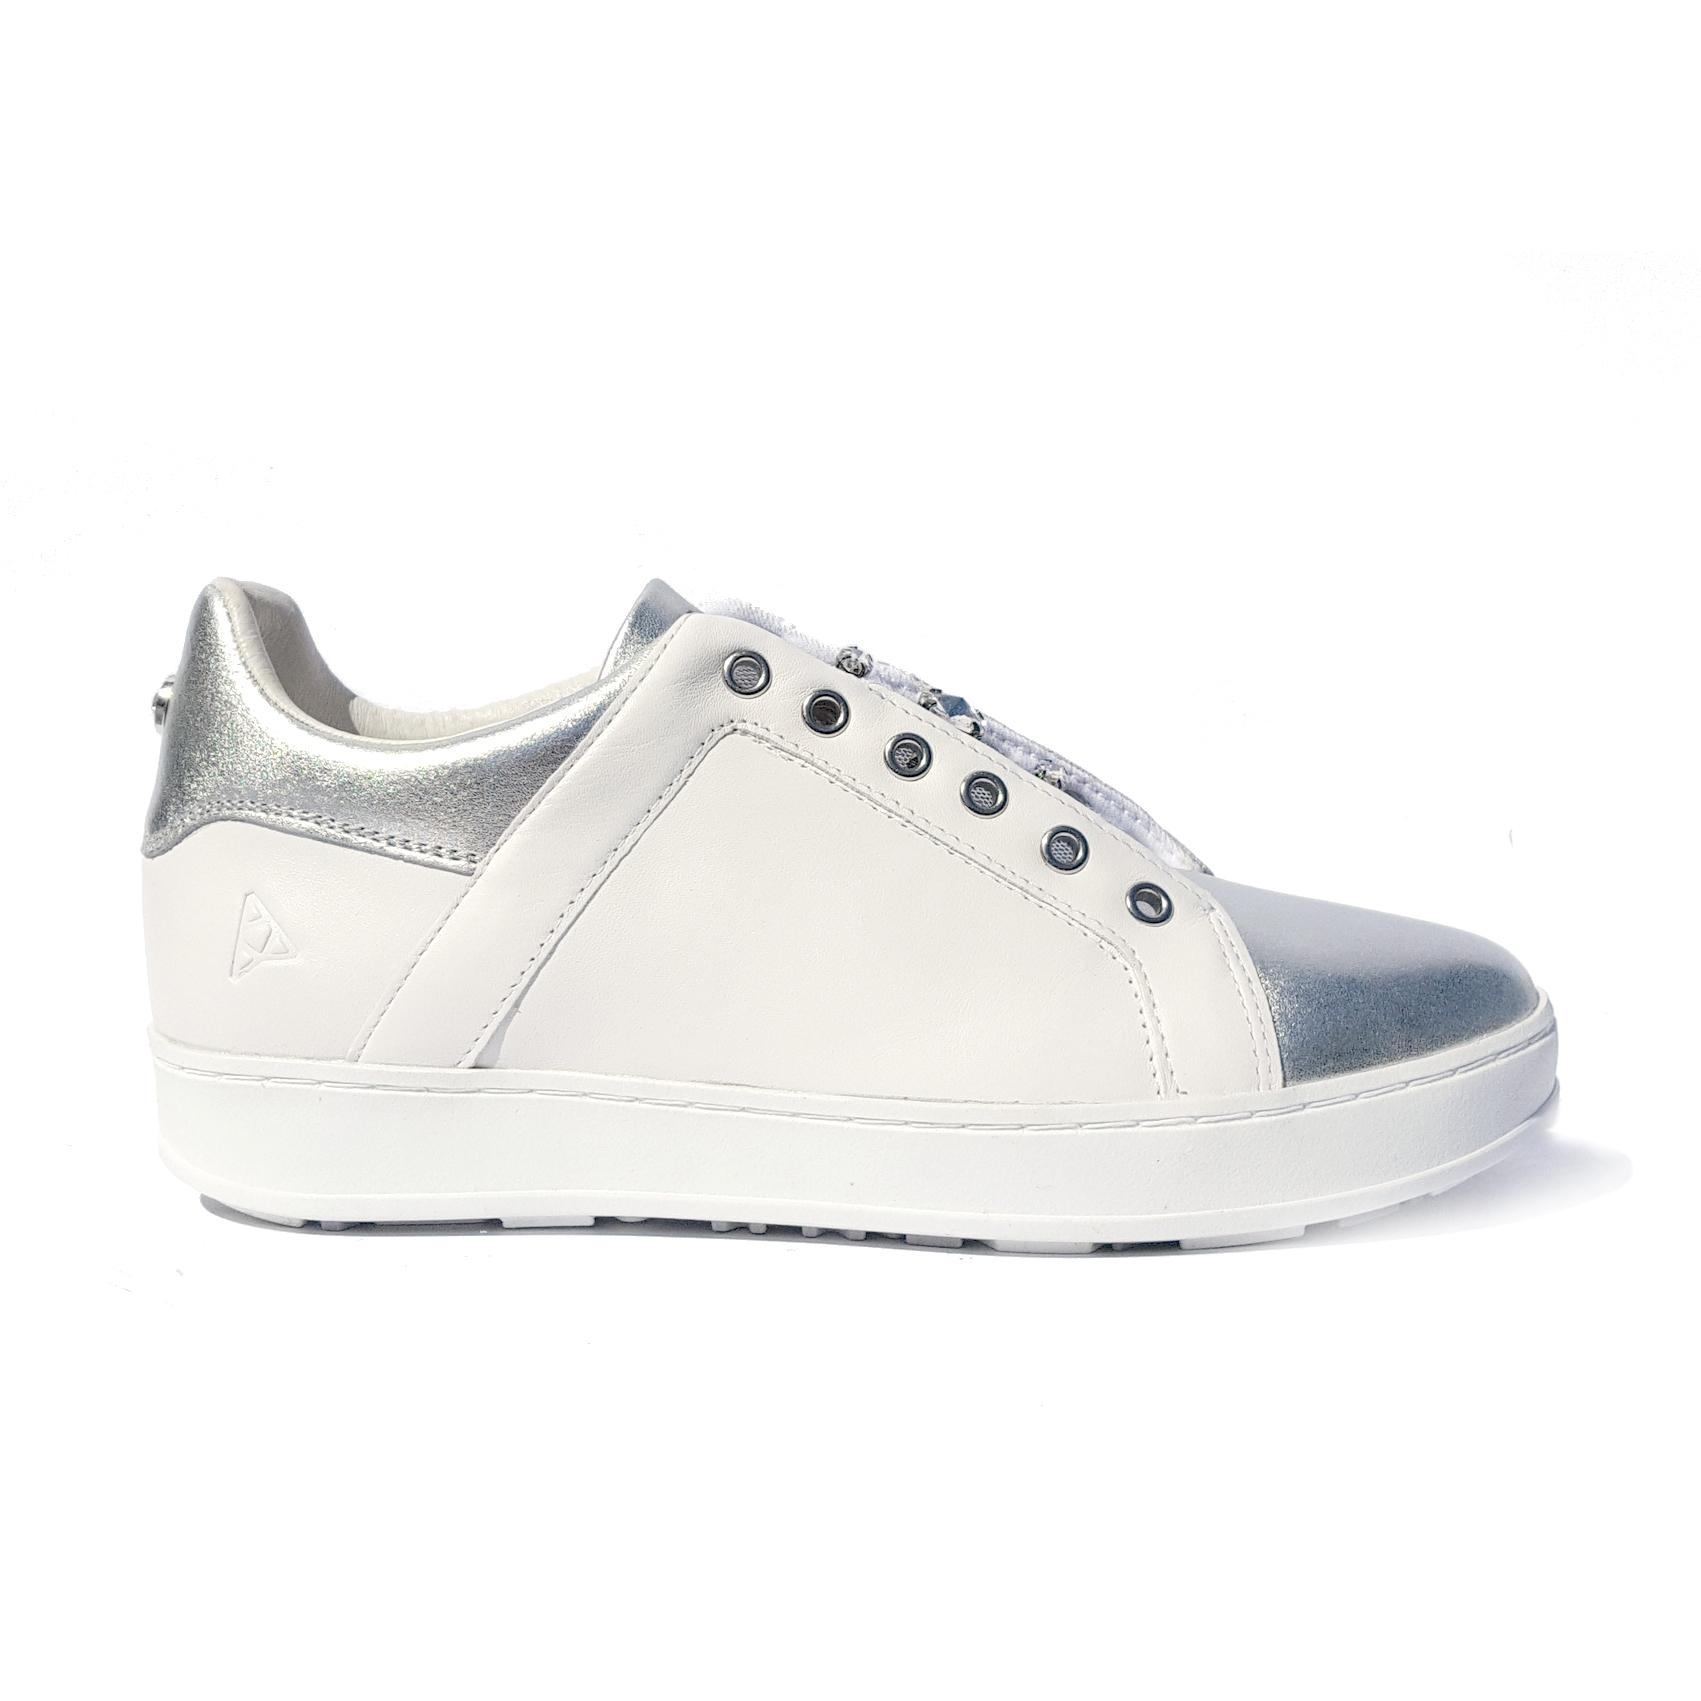 Sneaker bianca/argento con pietre Apepazza